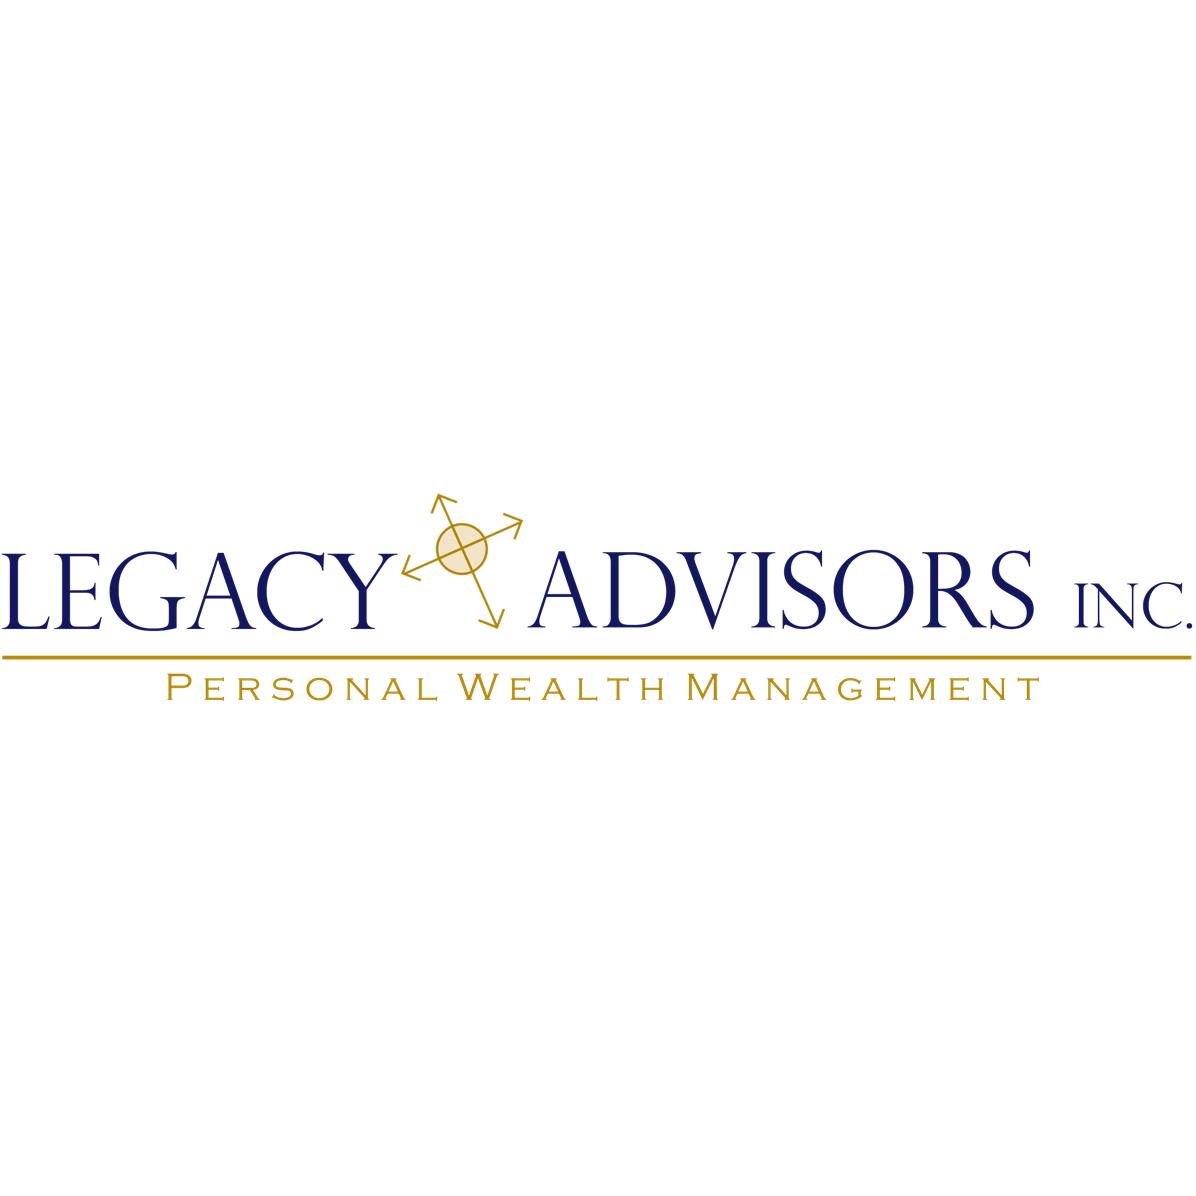 Legacy Advisors, Inc.